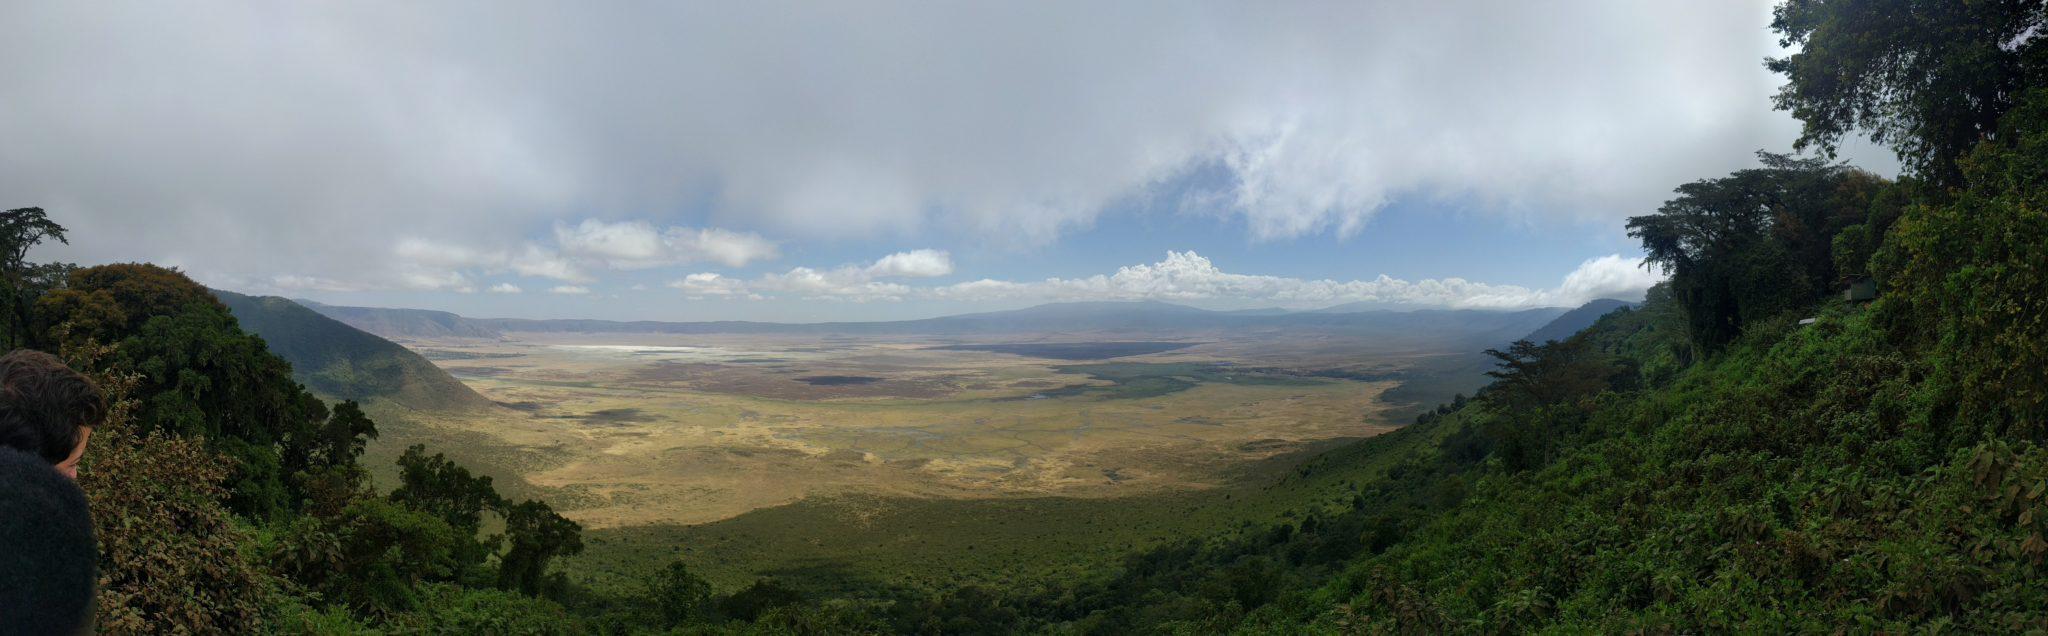 Panoramafoto van het uitzicht op de krater van op het Ngorongoro view point